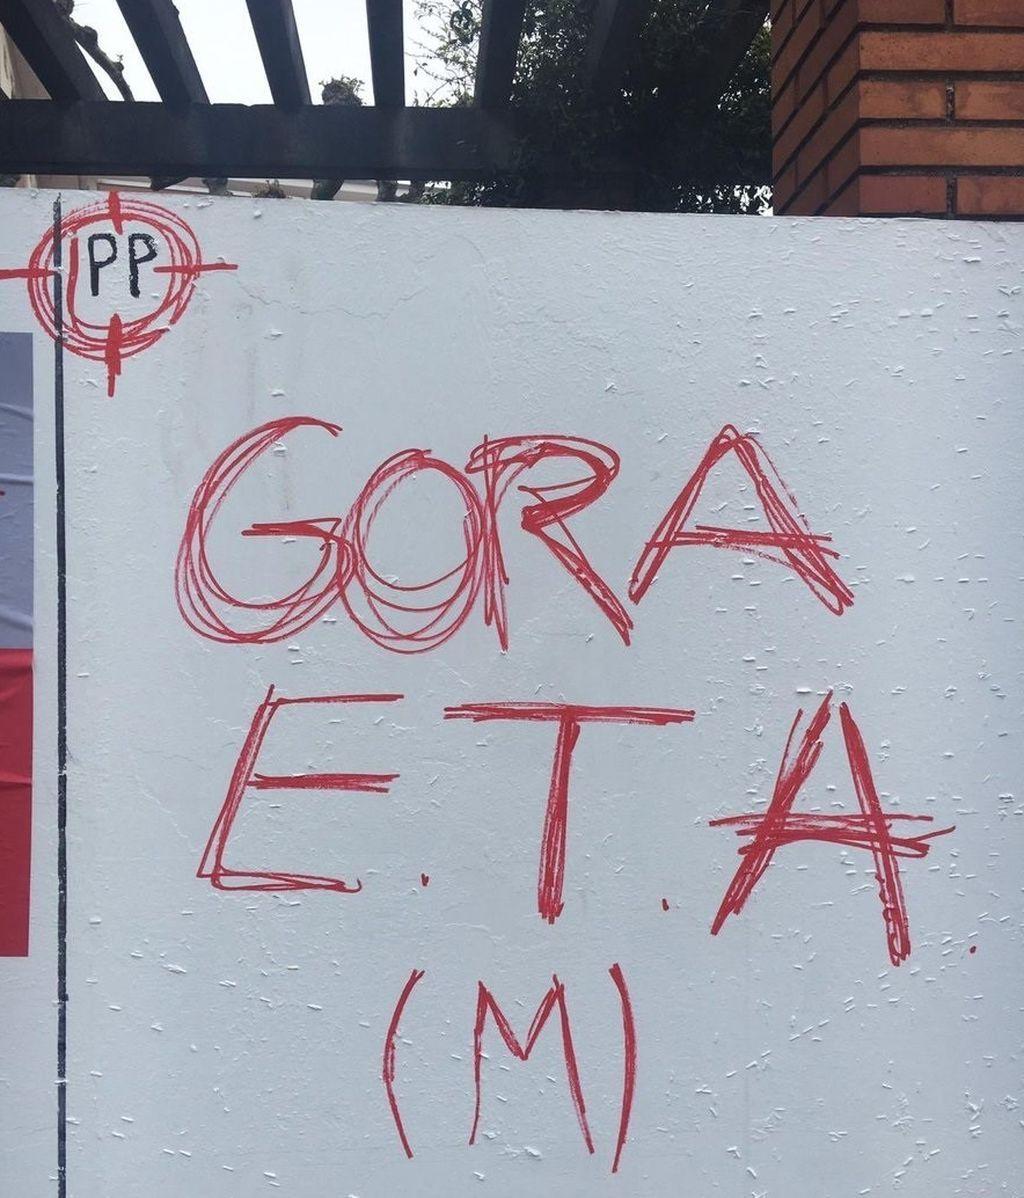 Aparecen pintadas contra el PP en una diana en Erandio (Vizcaya)